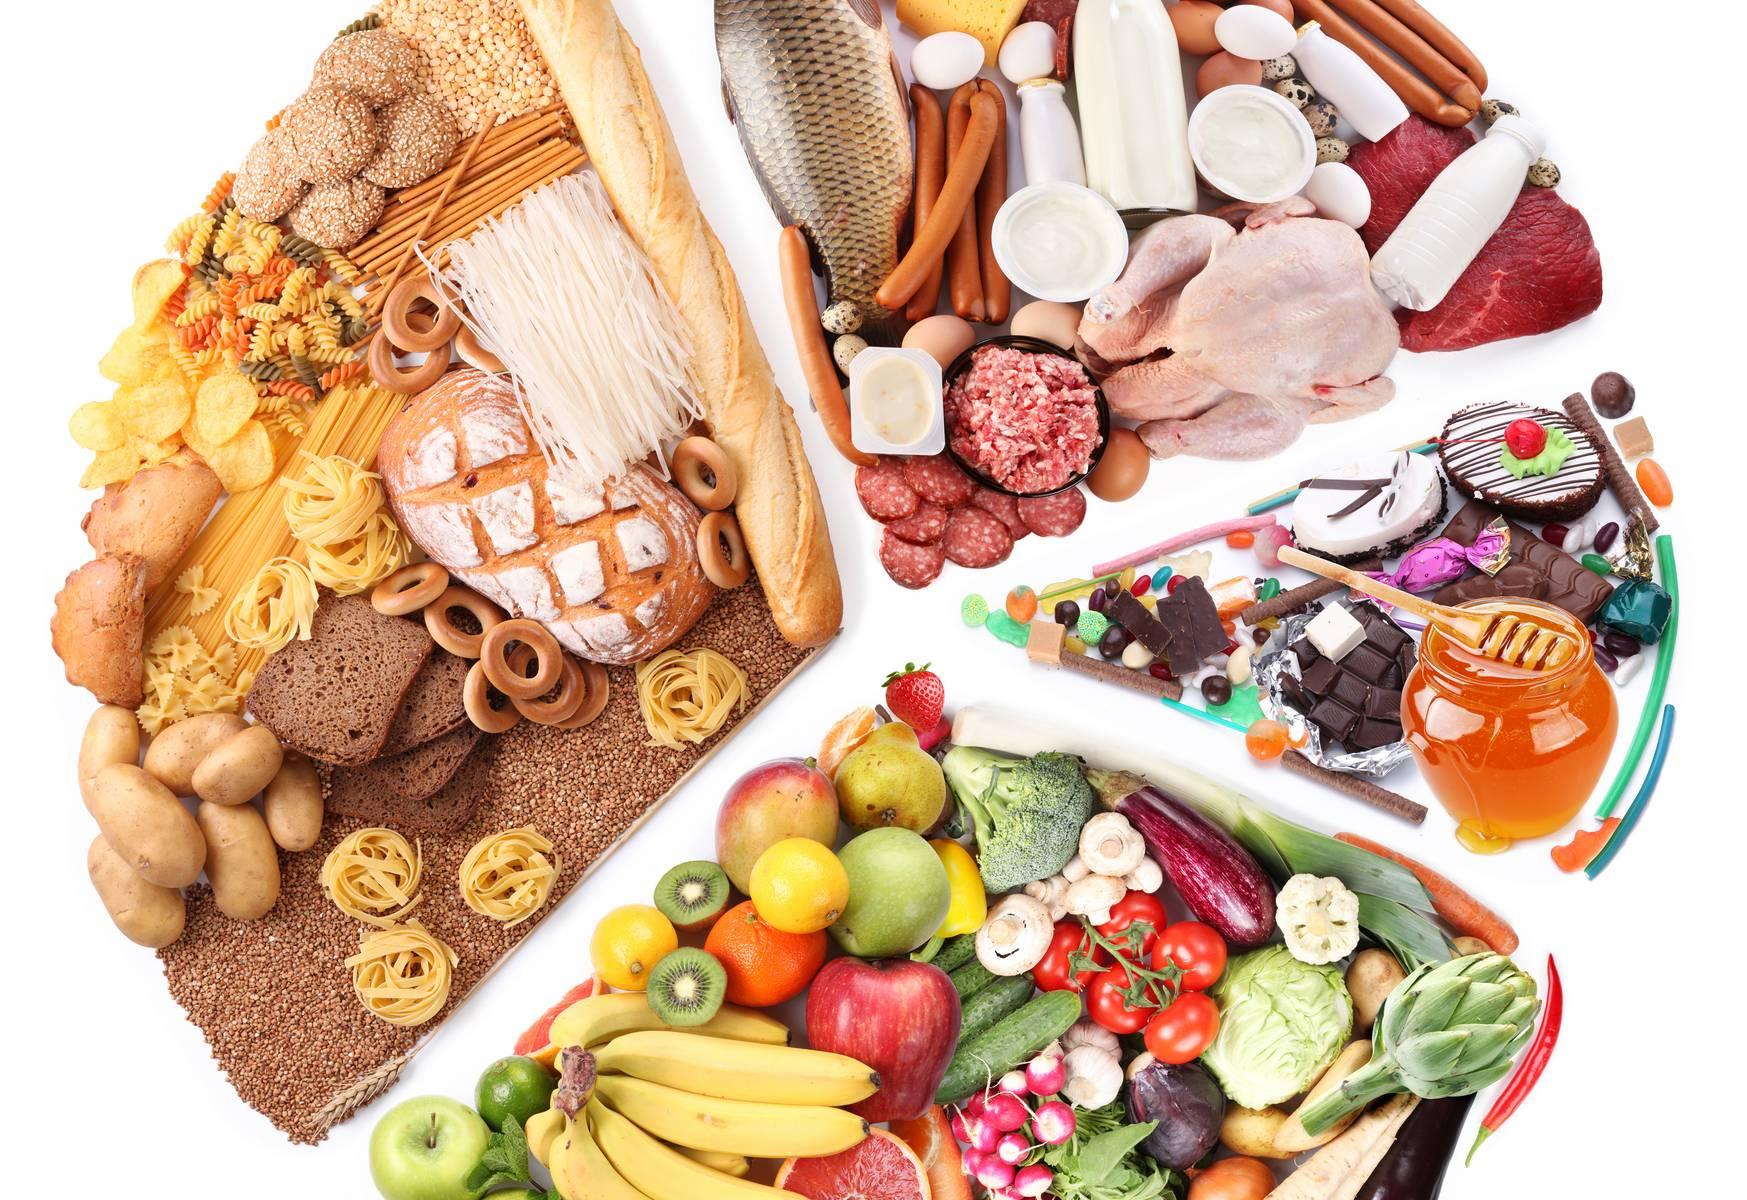 Carne riabilitata una componente fondamentale della dieta mediterranea - La mediterranea ...